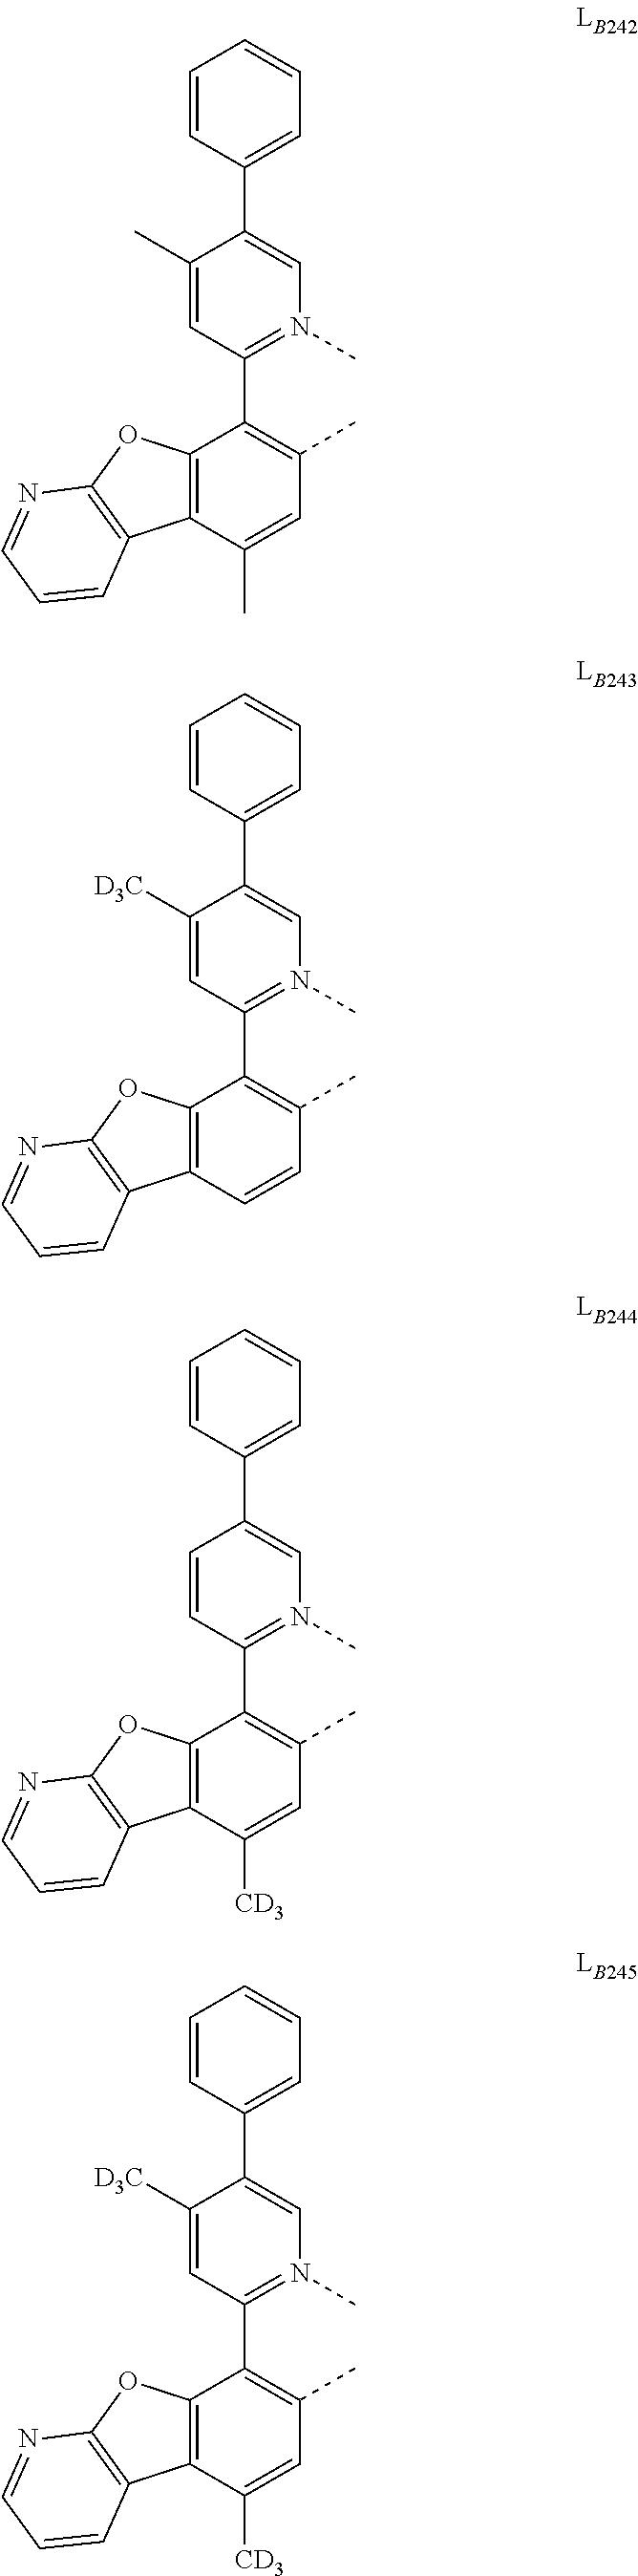 Figure US20180130962A1-20180510-C00115